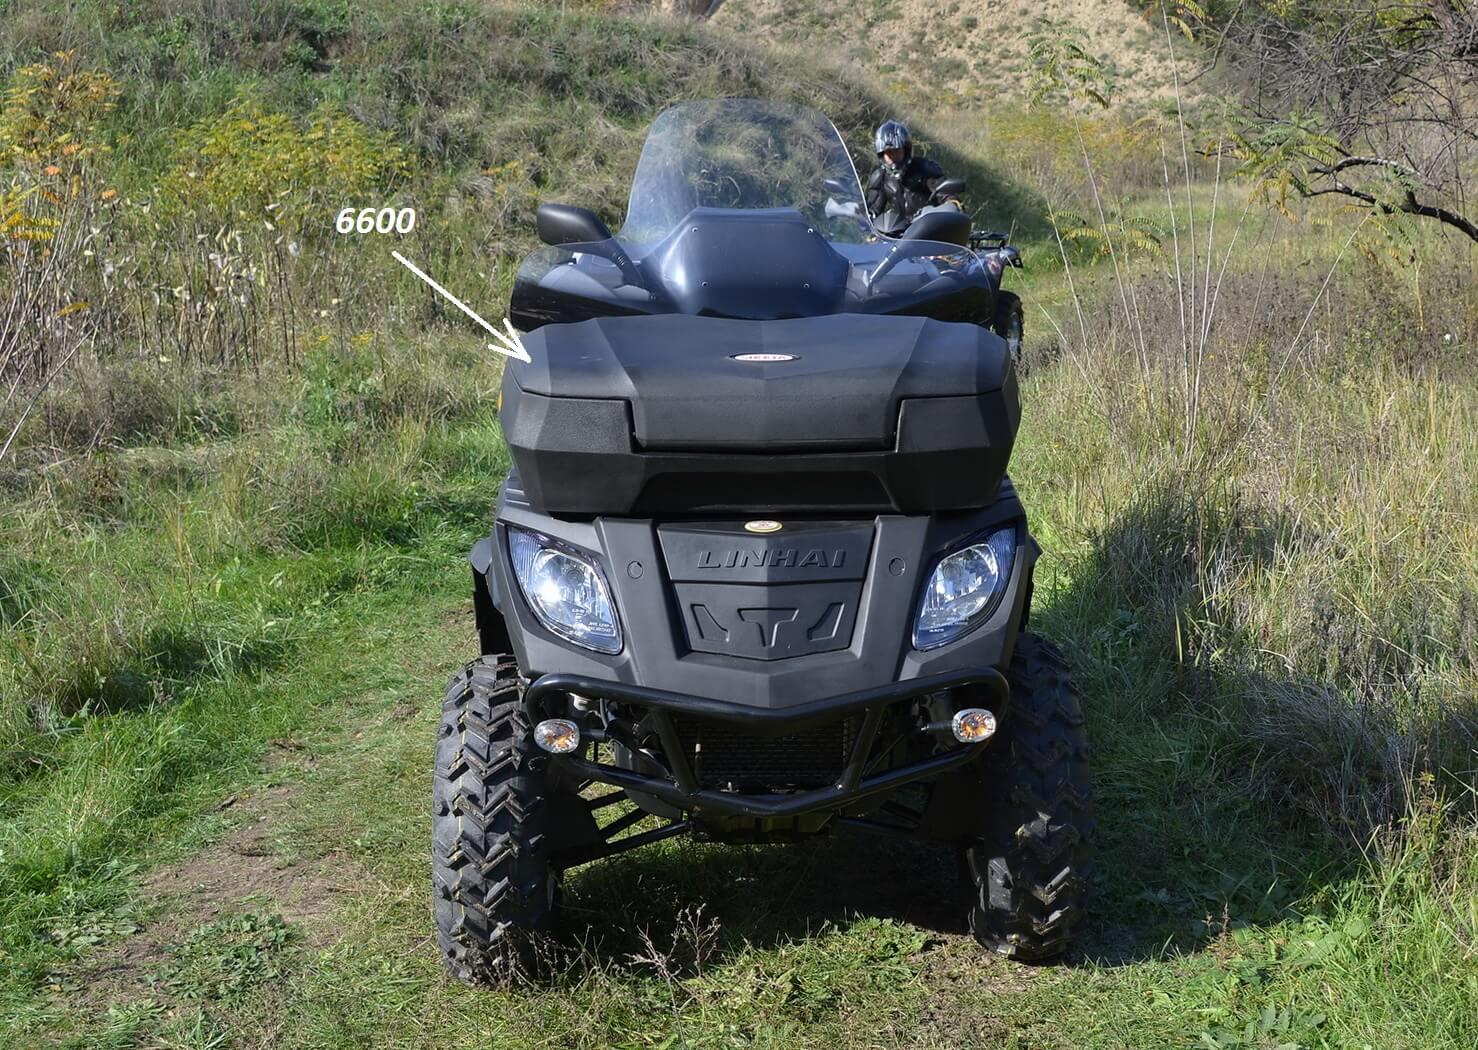 Кофр для квадроцикла 6600 передний ― Артмото - купить квадроцикл в украине и харькове, мотоцикл, снегоход, скутер, мопед, электромобиль